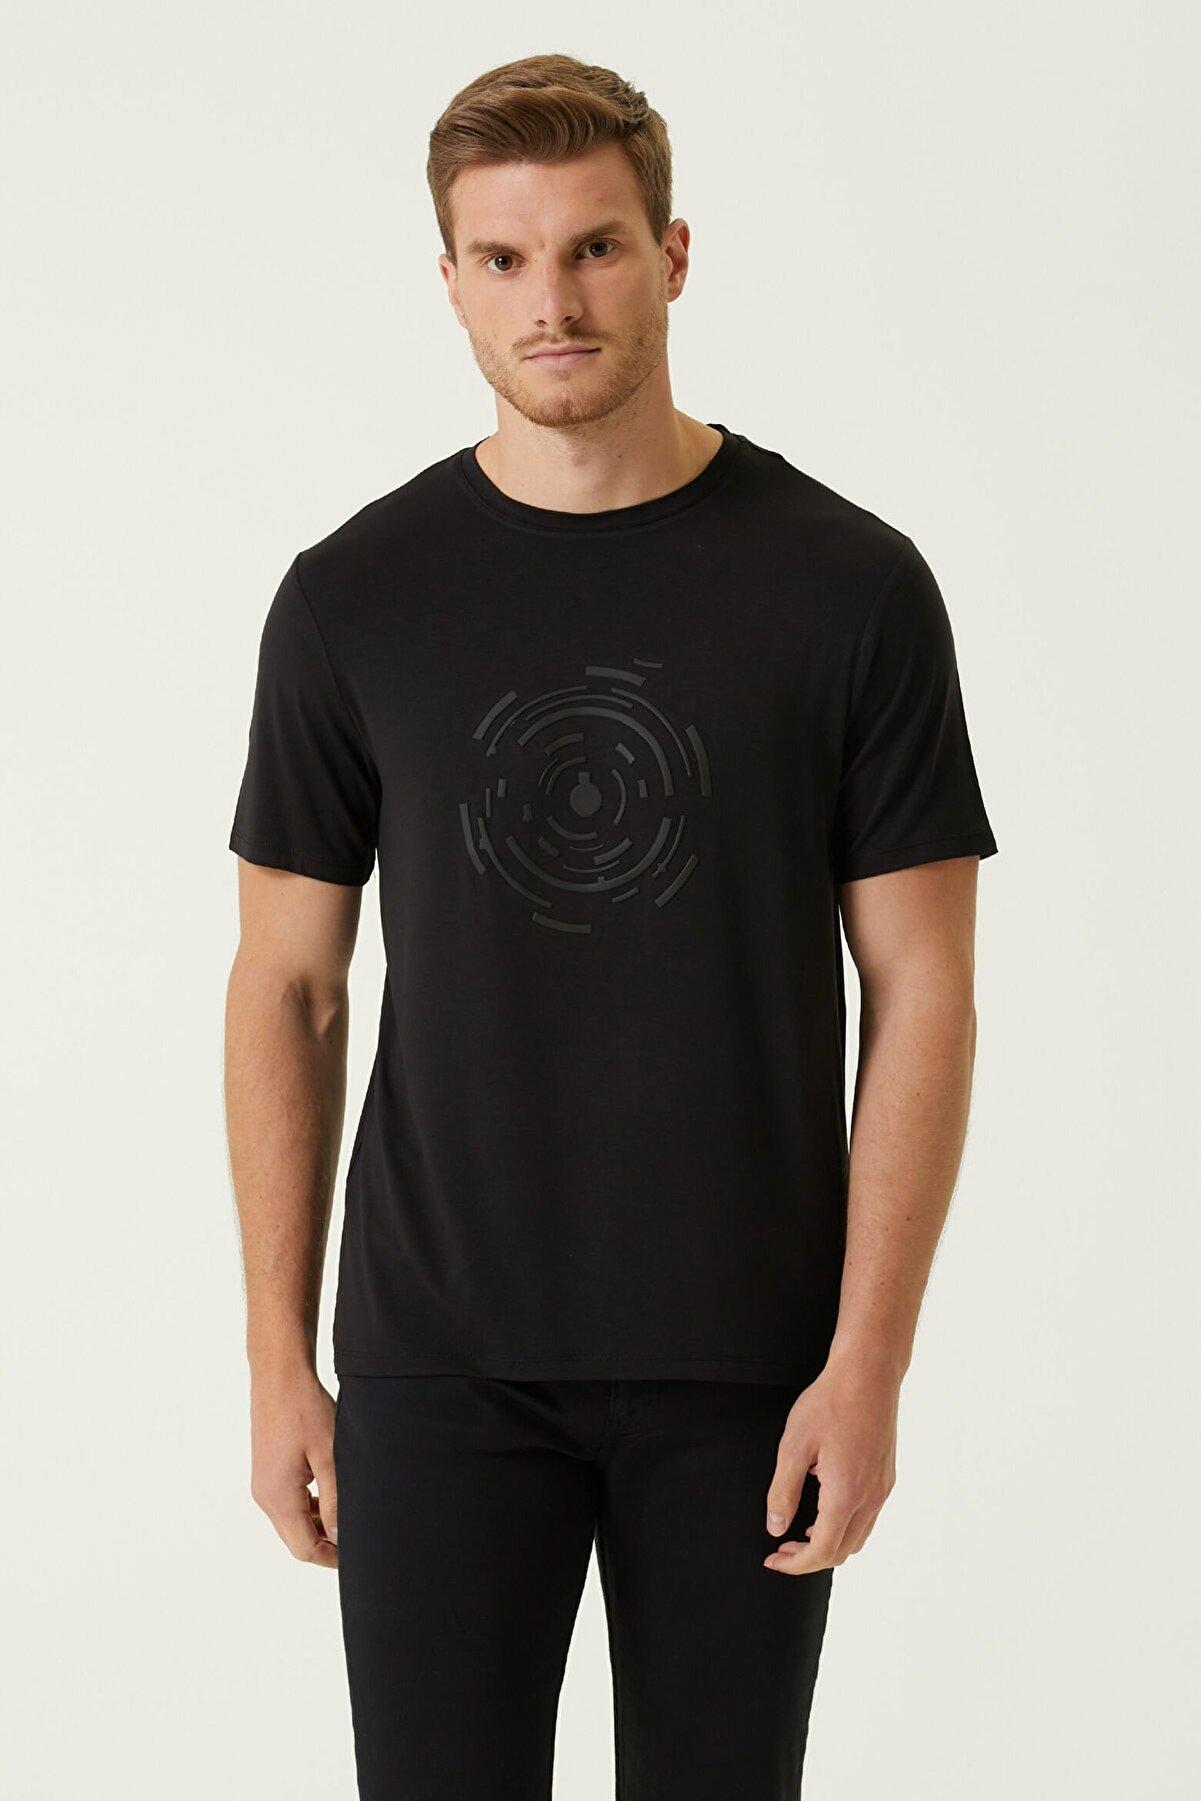 Network Erkek Slim Fit Siyah Bisiklet Yaka Baskılı T-shirt 1079840